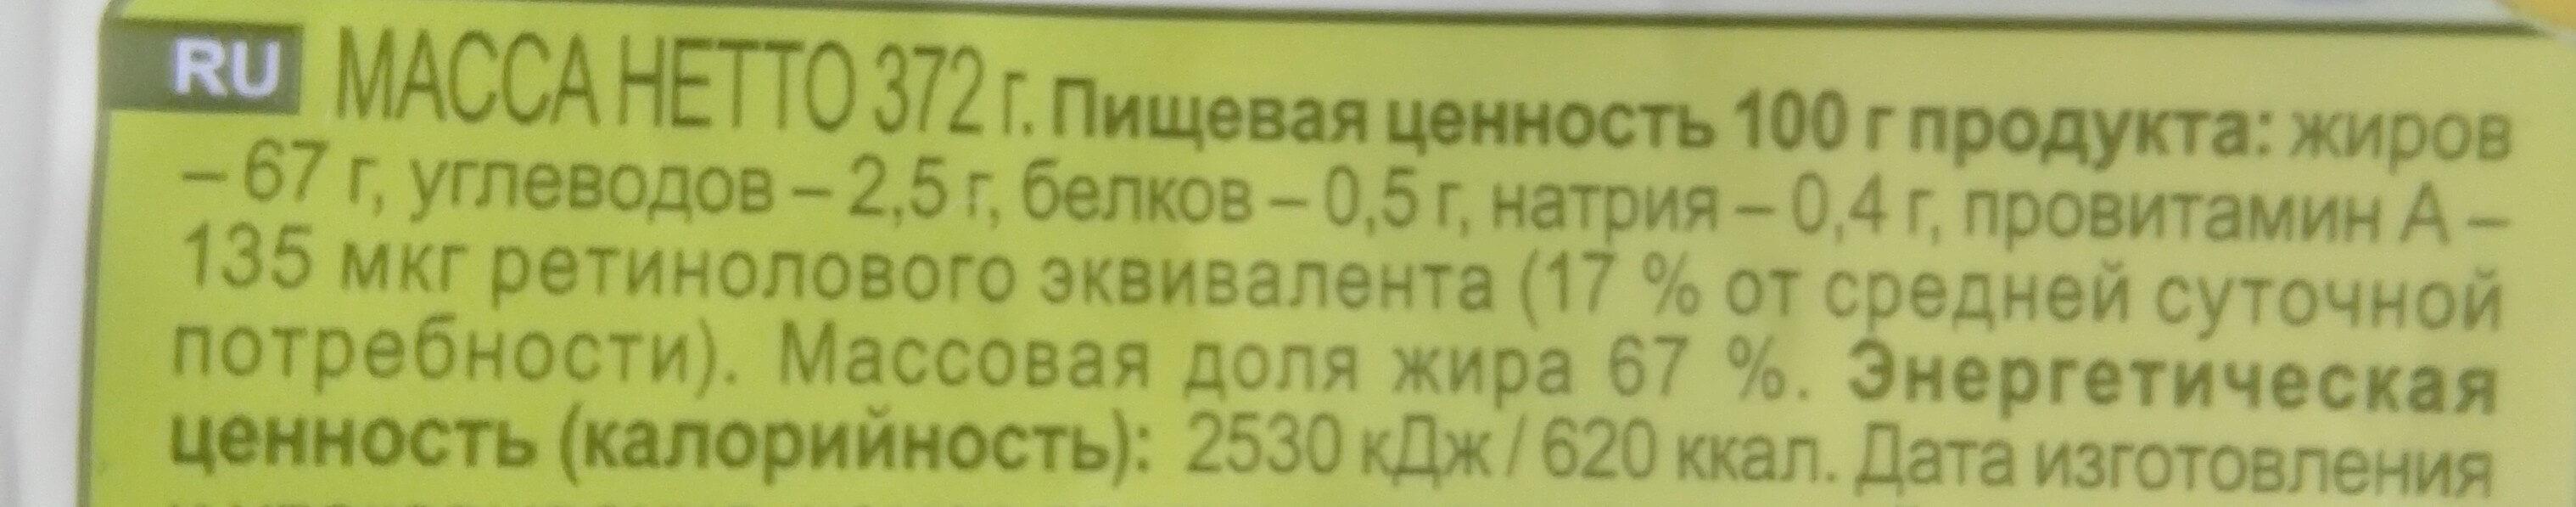 Майонез «Провансаль оливковый» 67 % - Nährwertangaben - ru